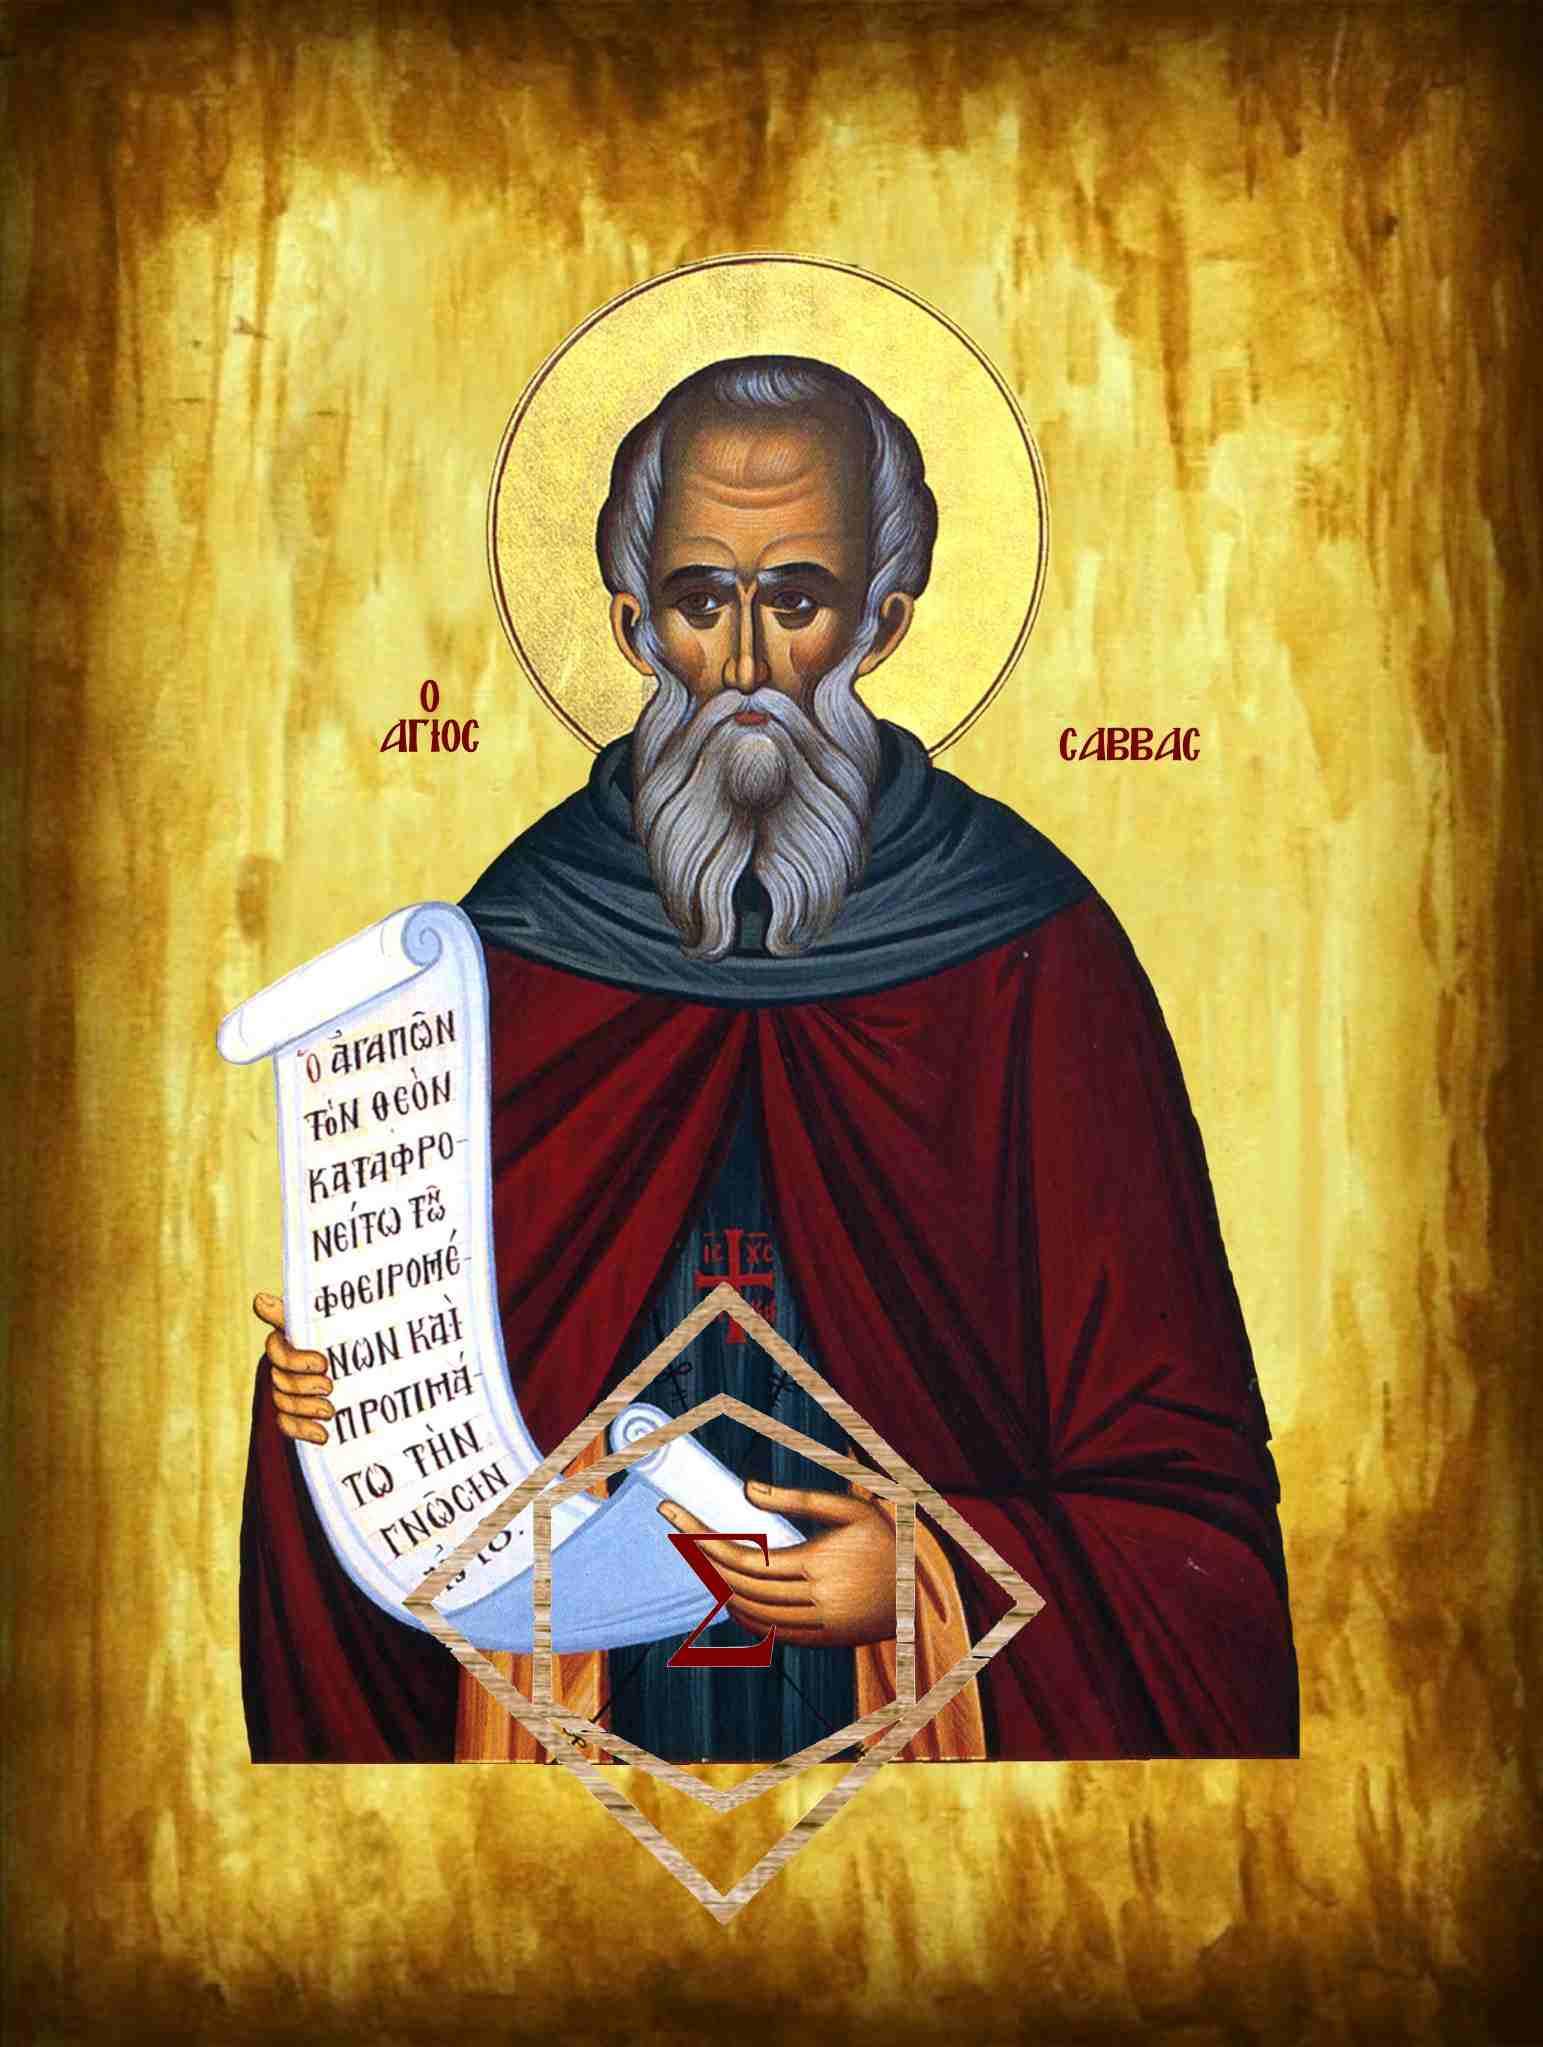 Ο Άγιος Σάββας, ο βίος του και το αδιάφθορο σώμα του